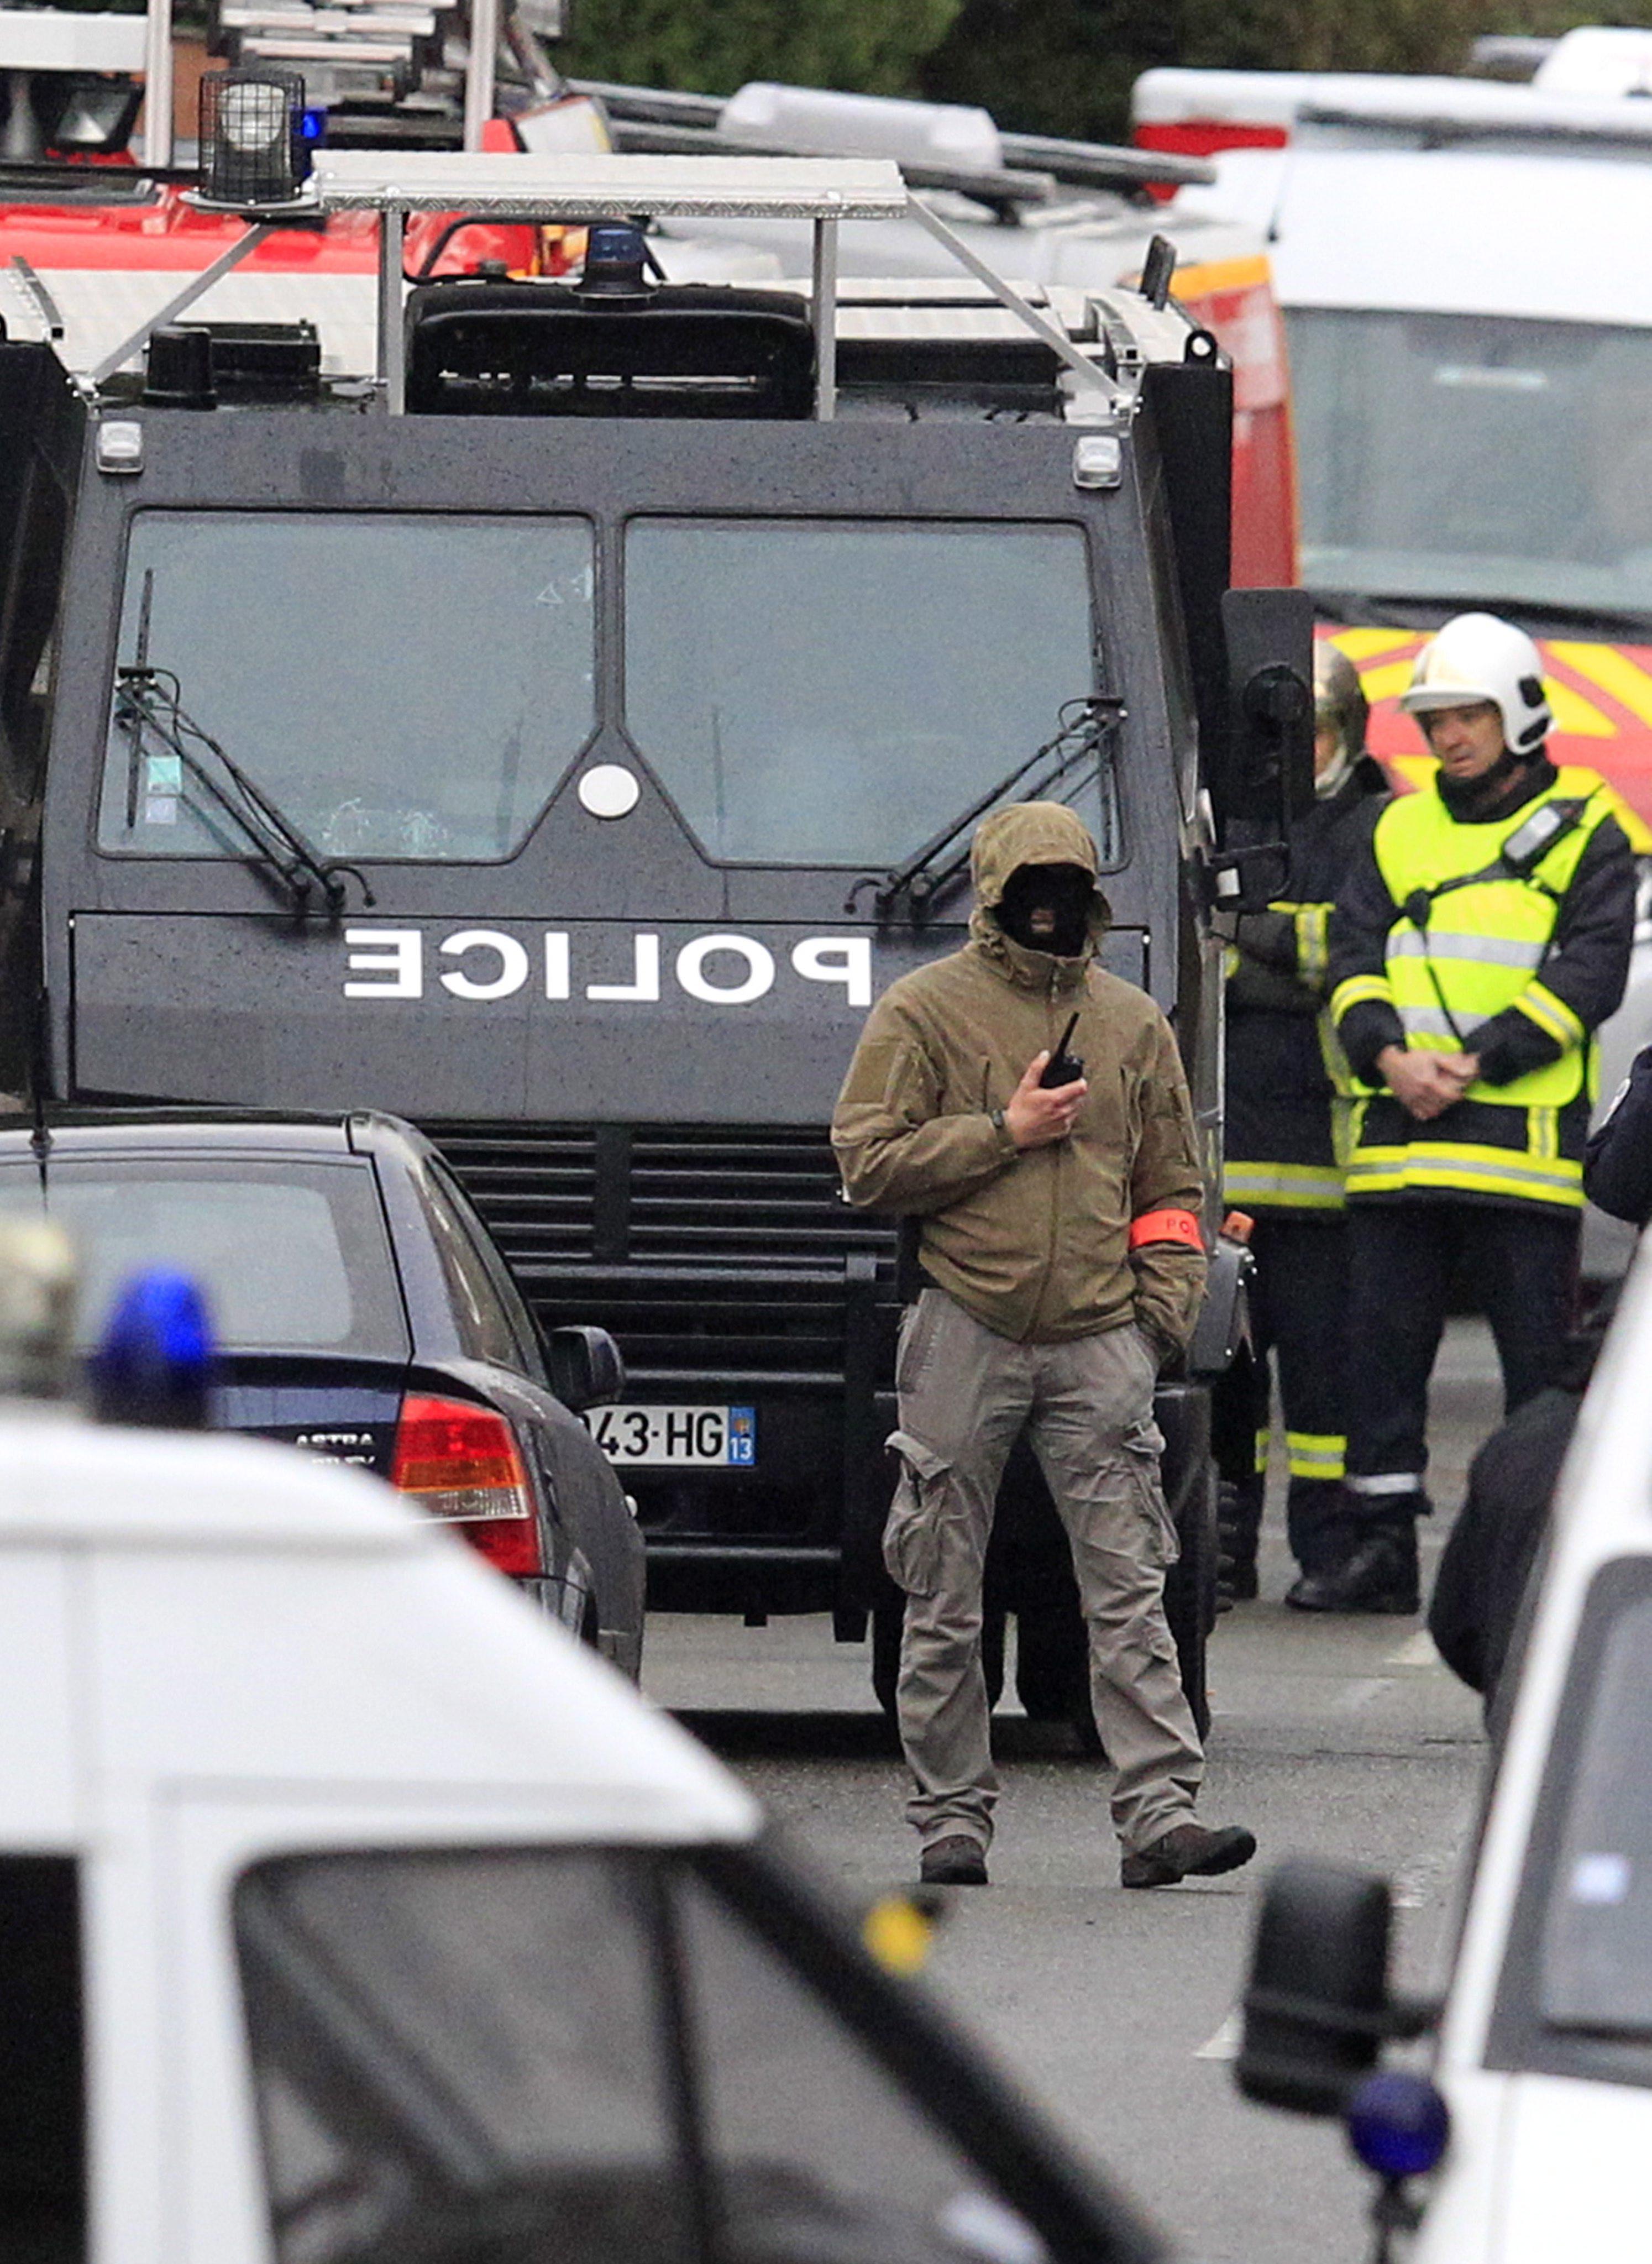 В Израел критикуват операцията в Тулуза: Кой чака 30 часа, когато няма заложници